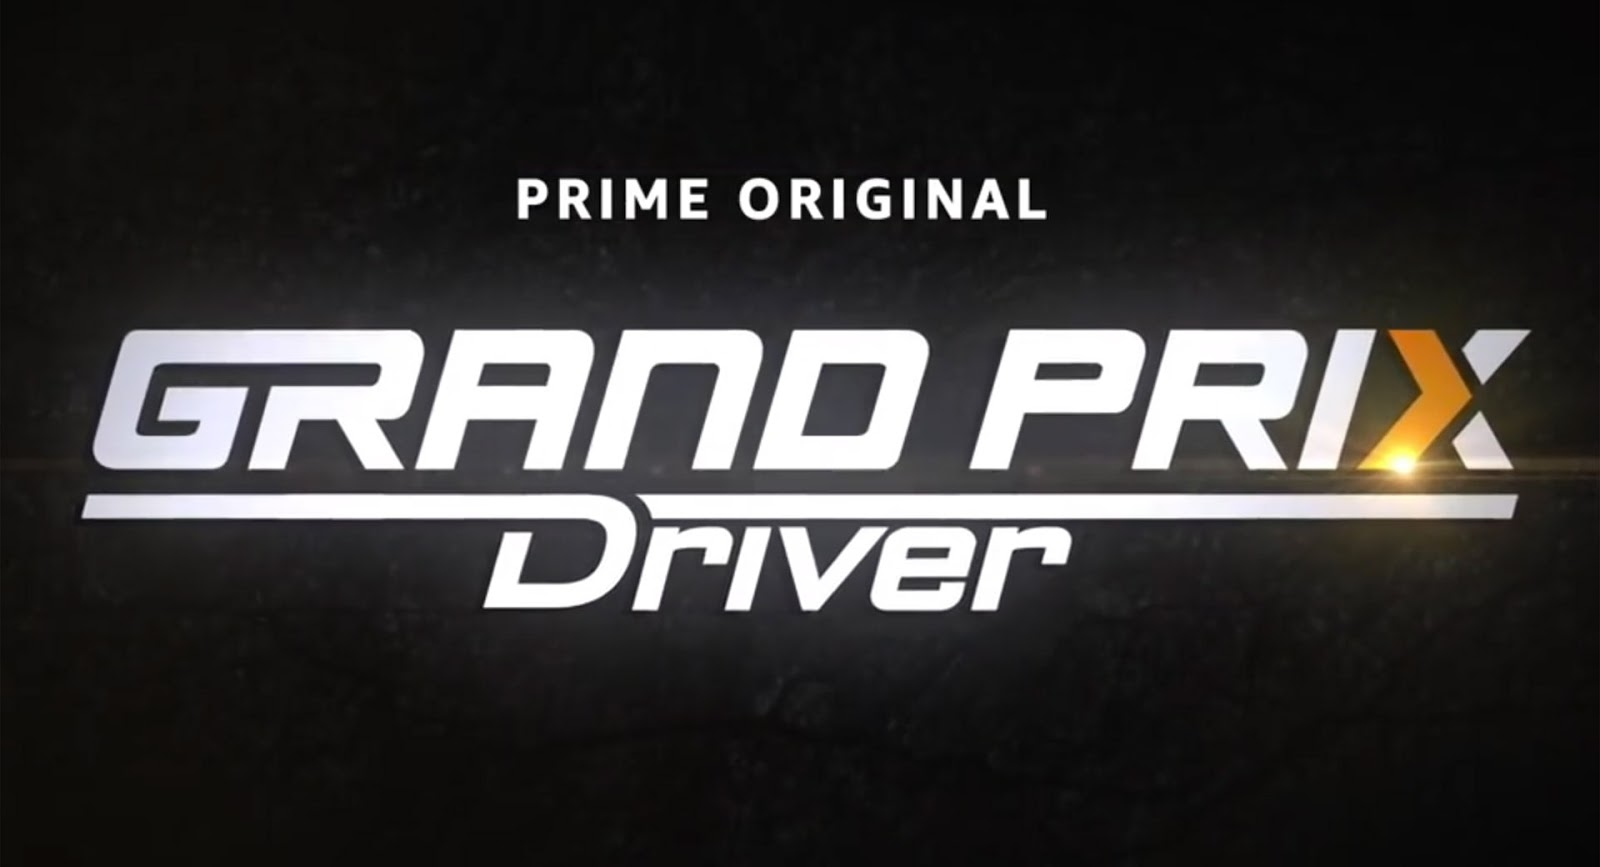 gp-driver-video.jpg